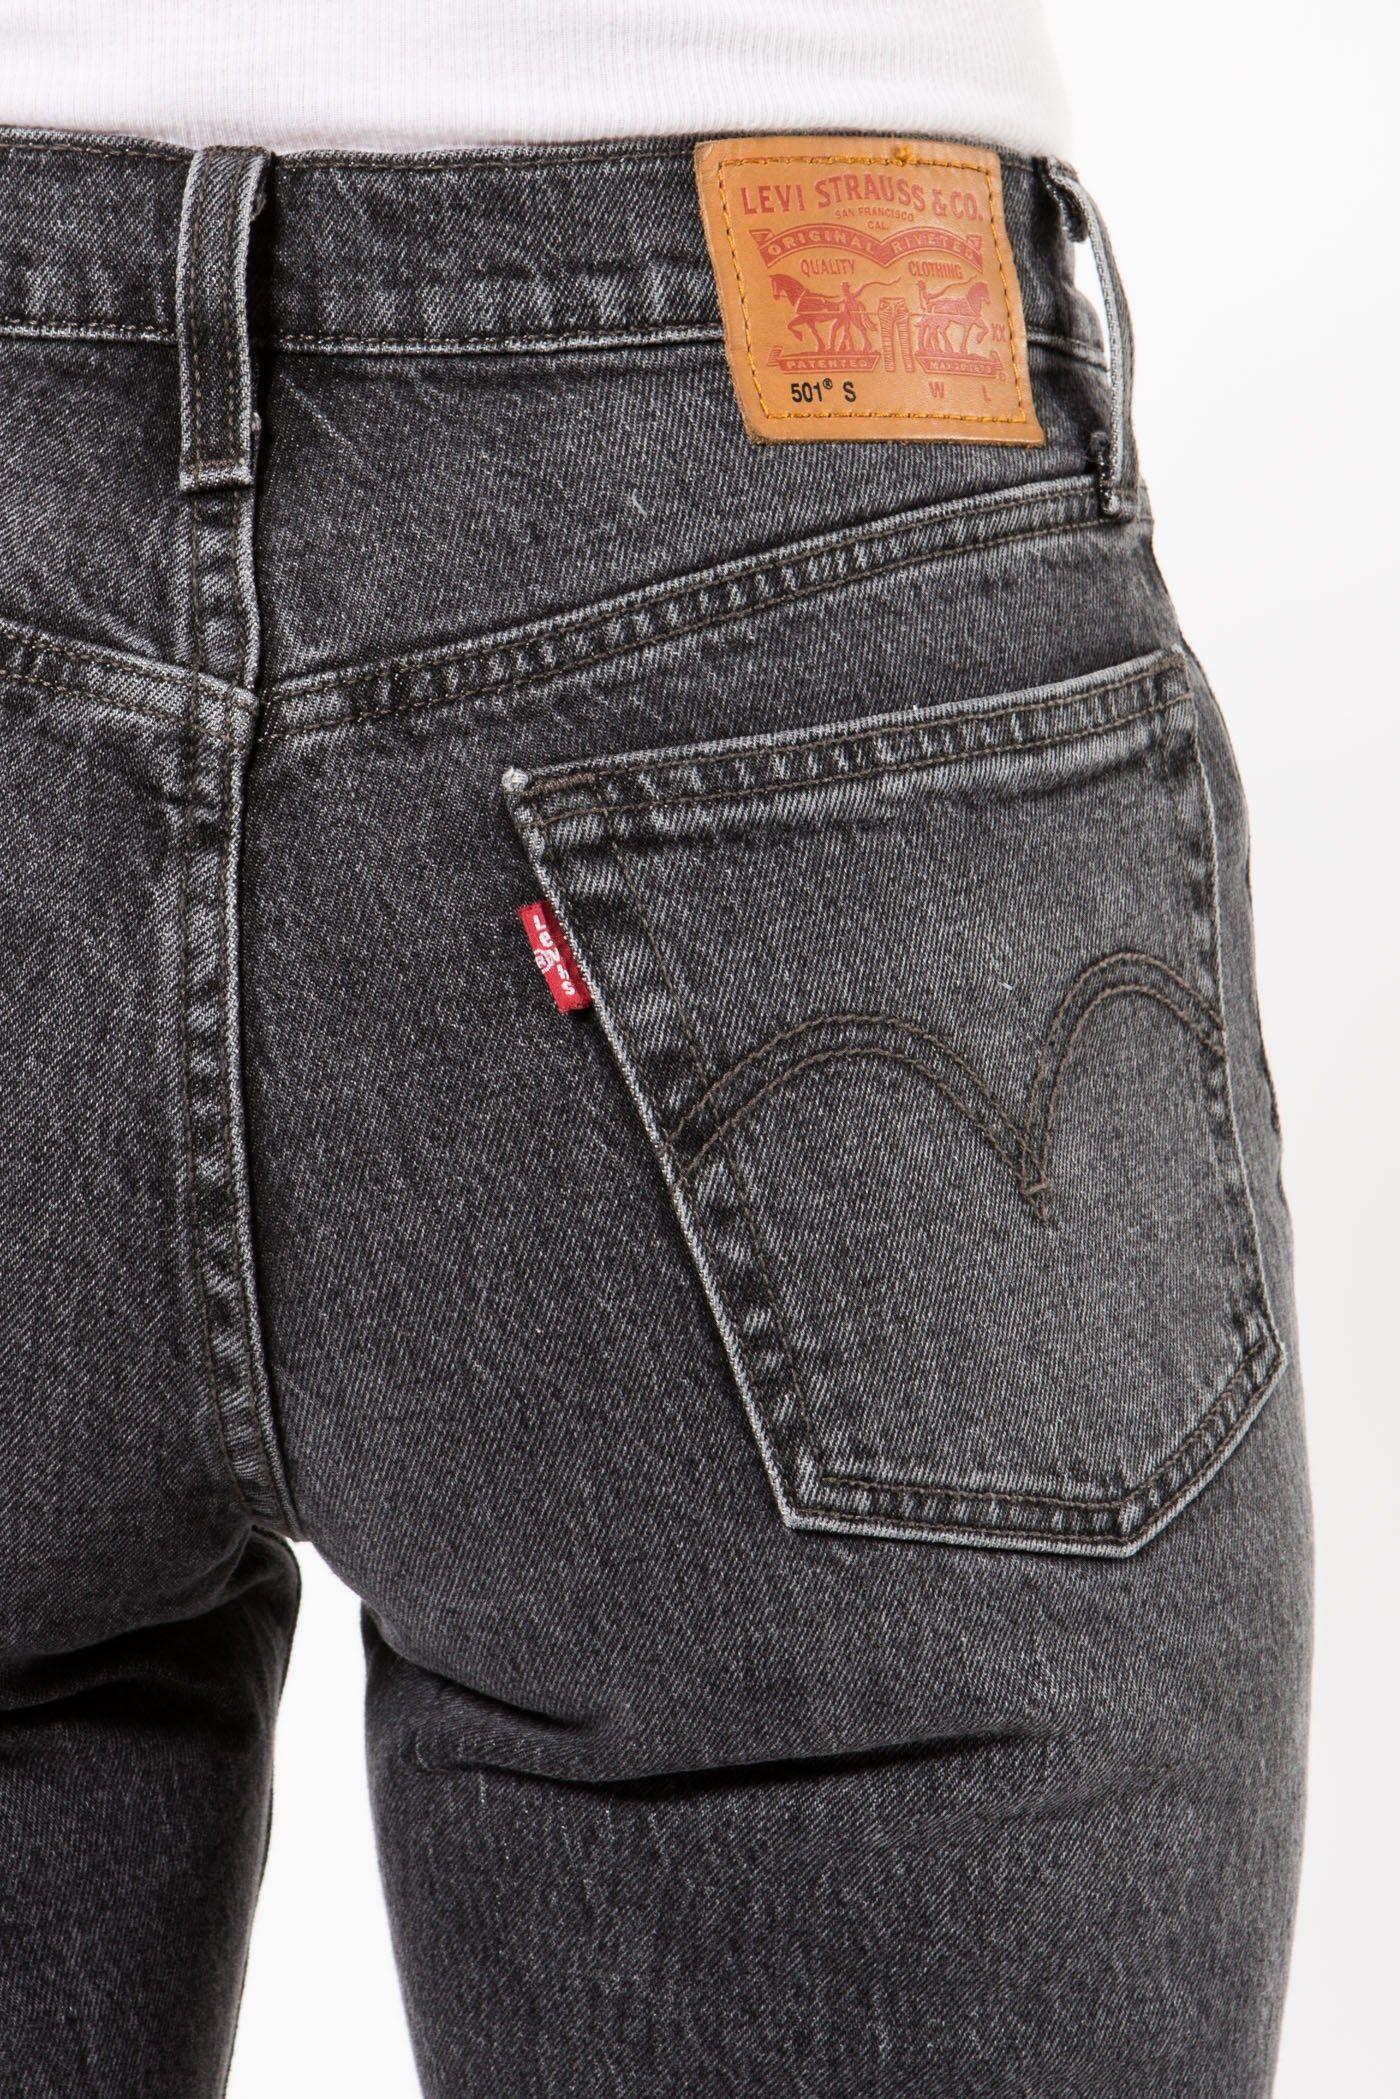 15335bcd 501 Skinny co Black | Byxor/Jeans - Dam | Grandpa - Scandinavia ...